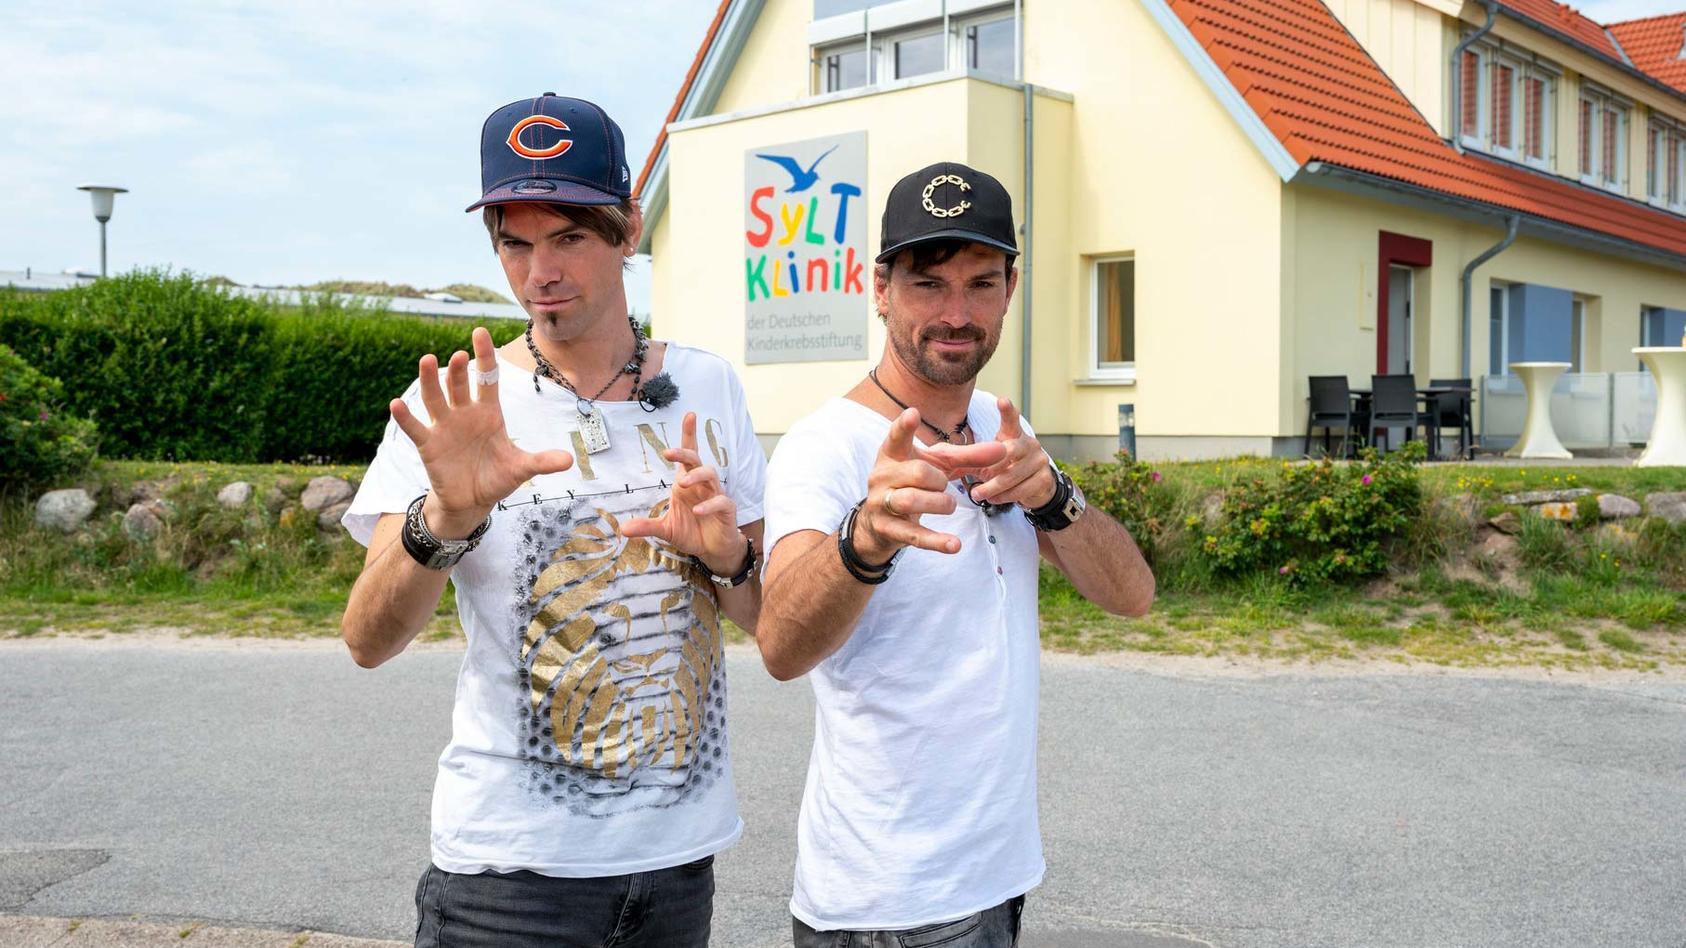 hilfe-fur-krebskranke-kinder-ehrlich-brothers-besuchen-syltklinik